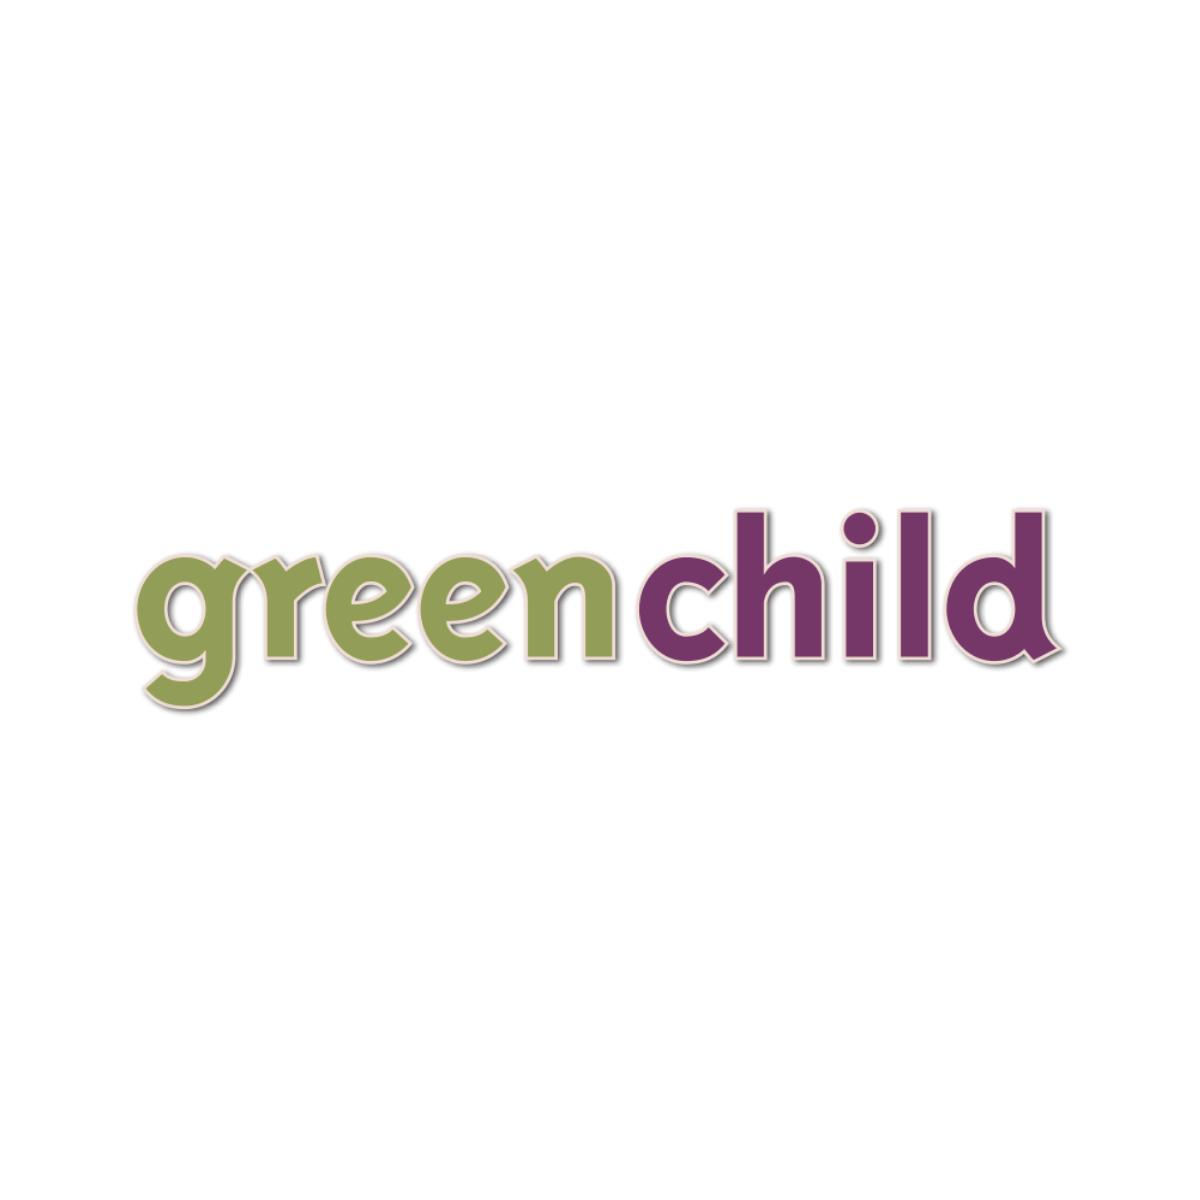 greenc.png